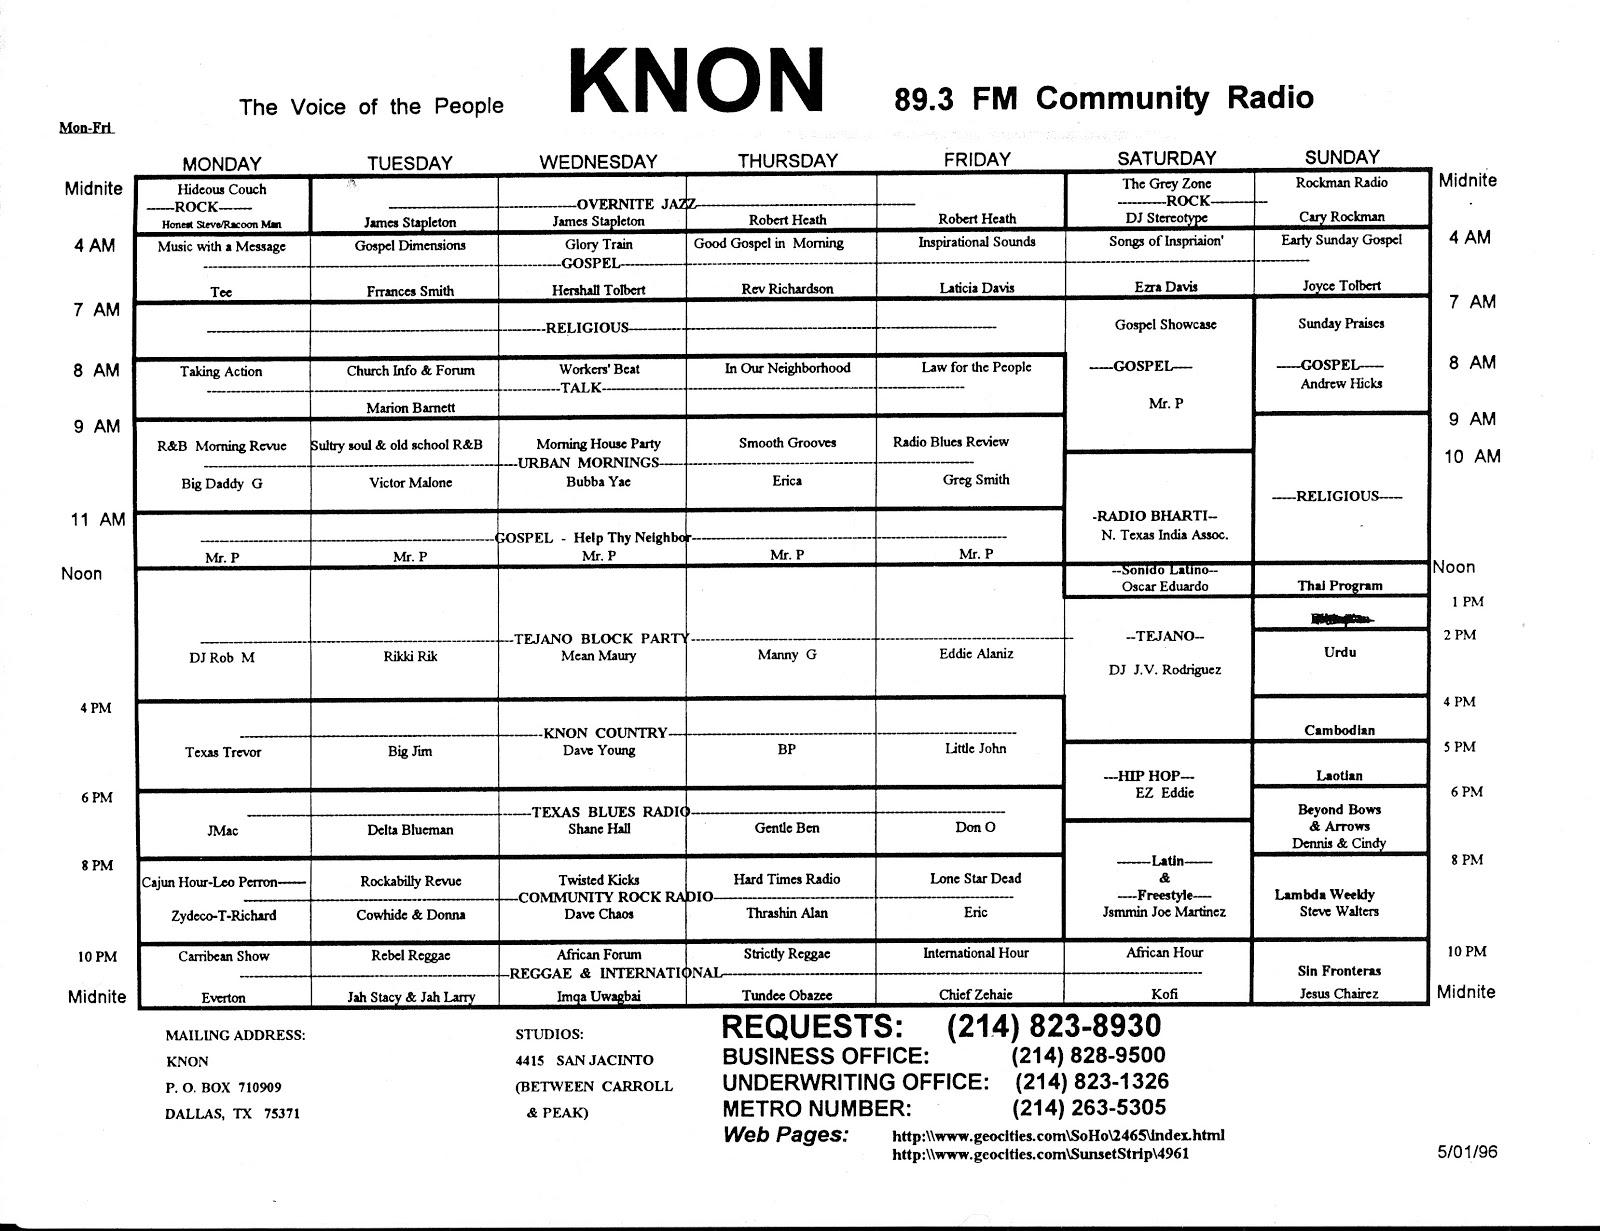 knon-schedule-960501